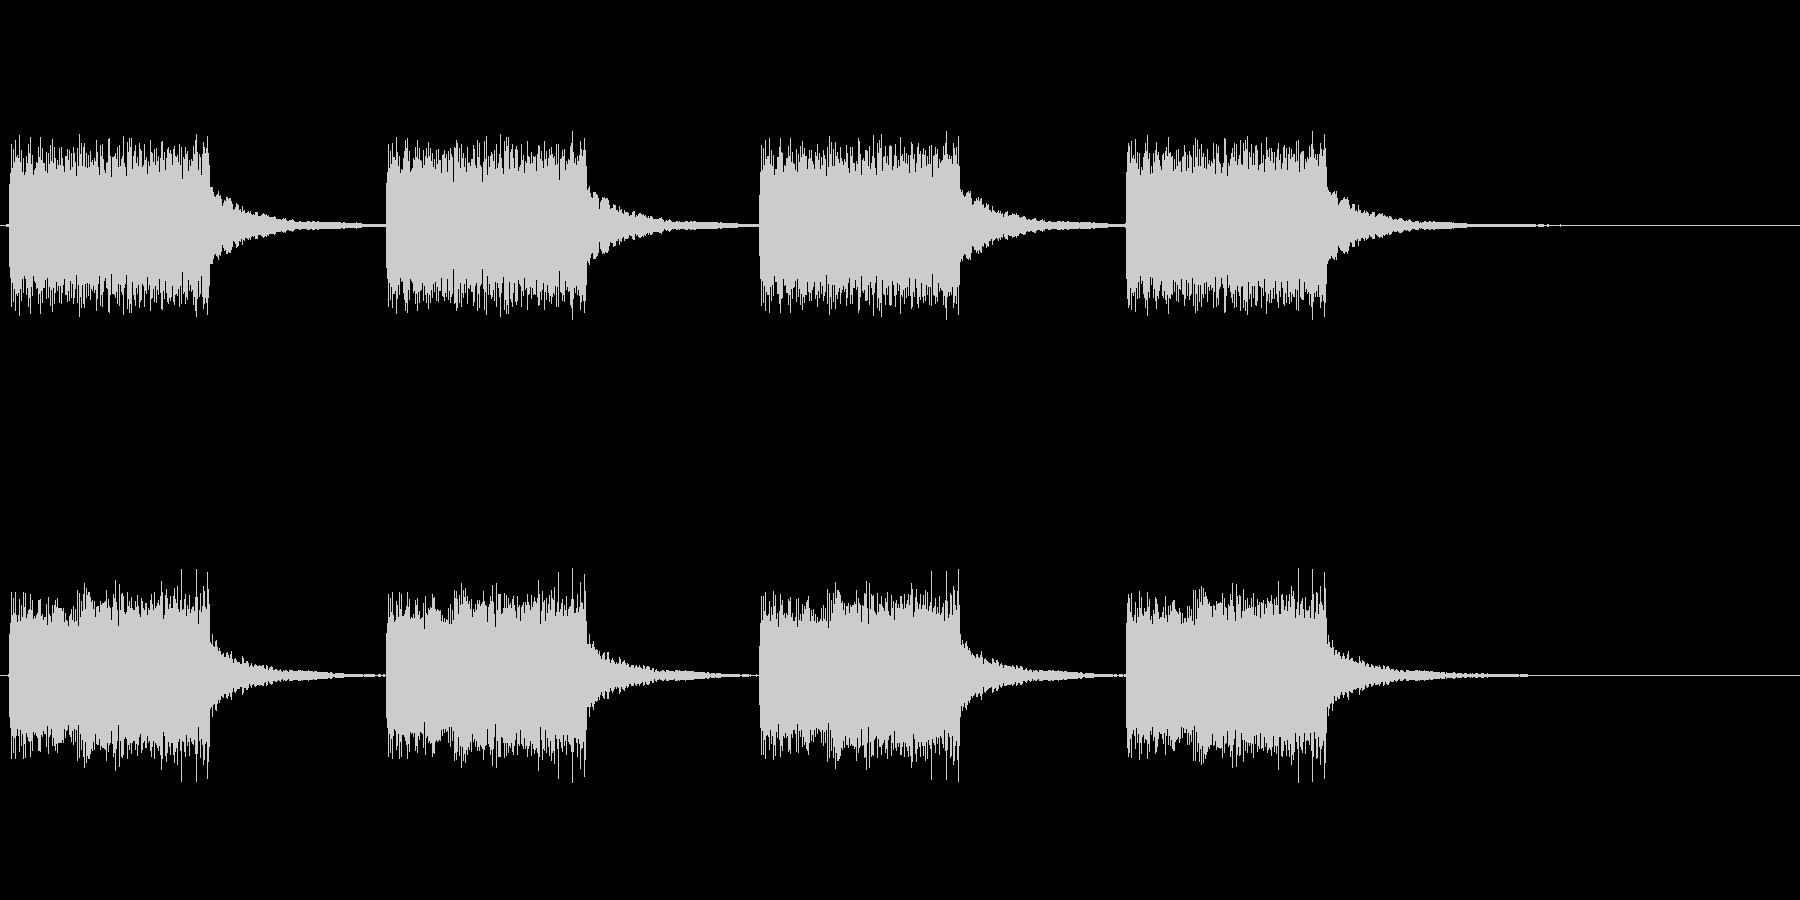 エラー音や警告音の未再生の波形